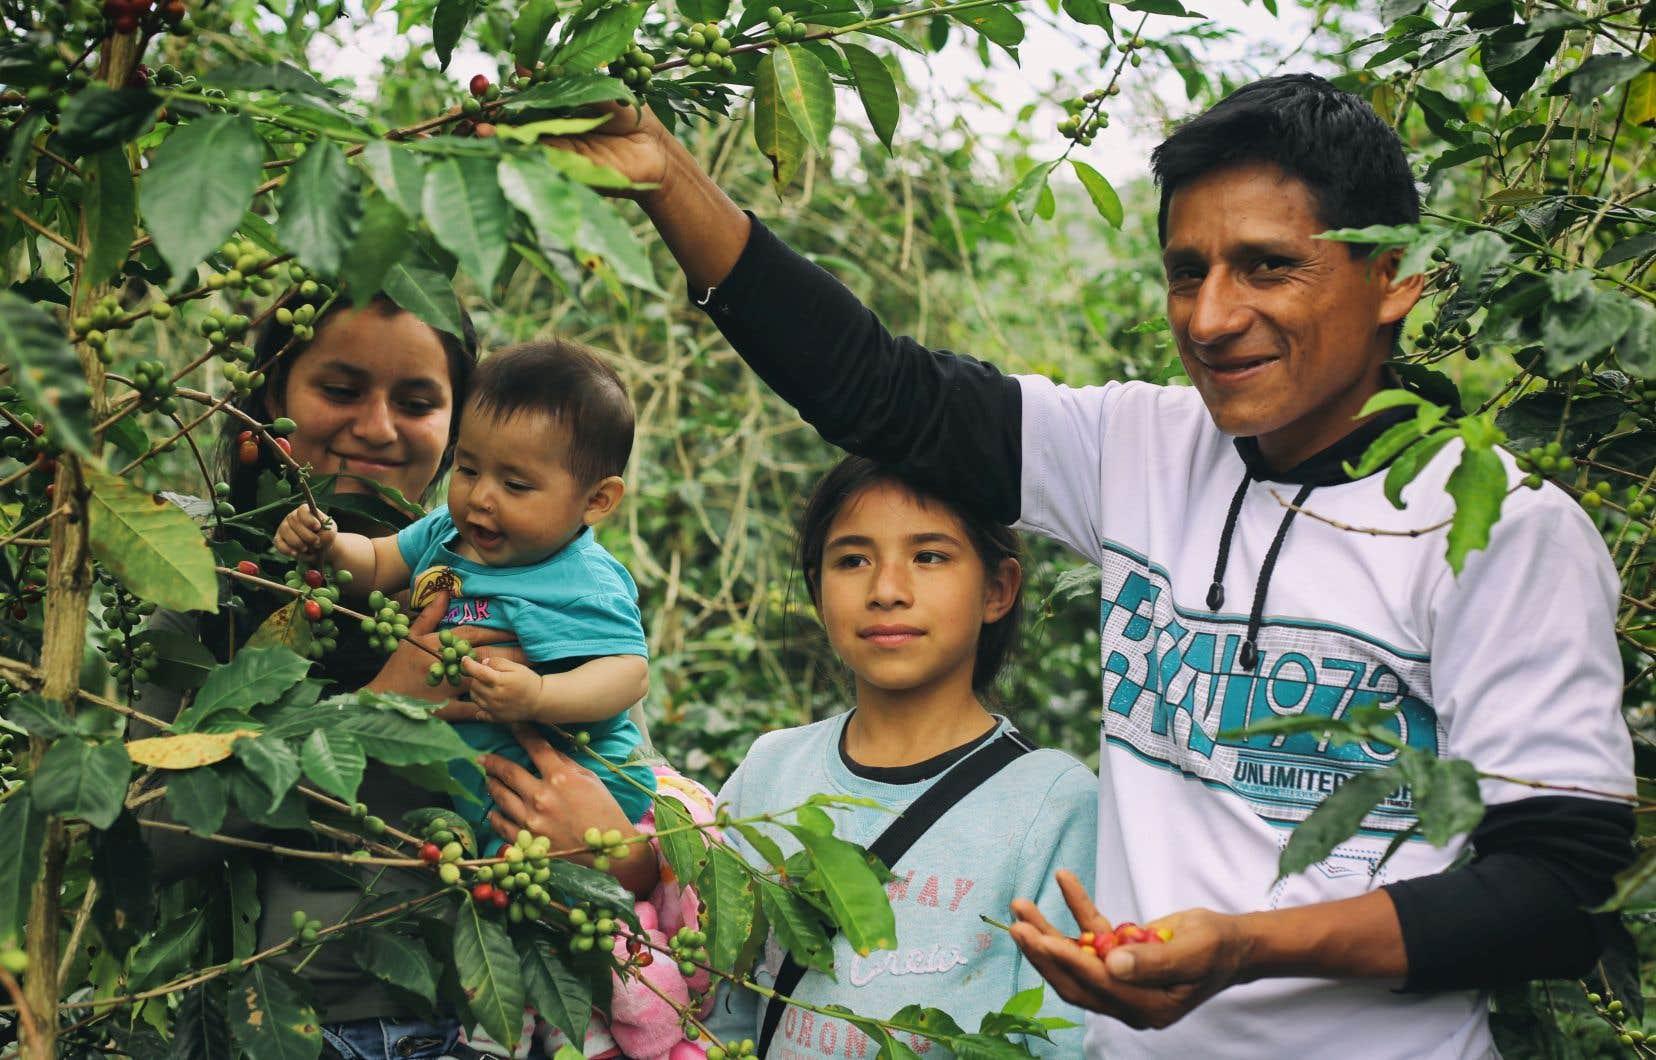 Une famille productrice de café au Pérou, ayant pu bénéficier de l'accompagnement de SOCODEVI pour améliorer ses opérations et développer la commercialisation de ses produits.